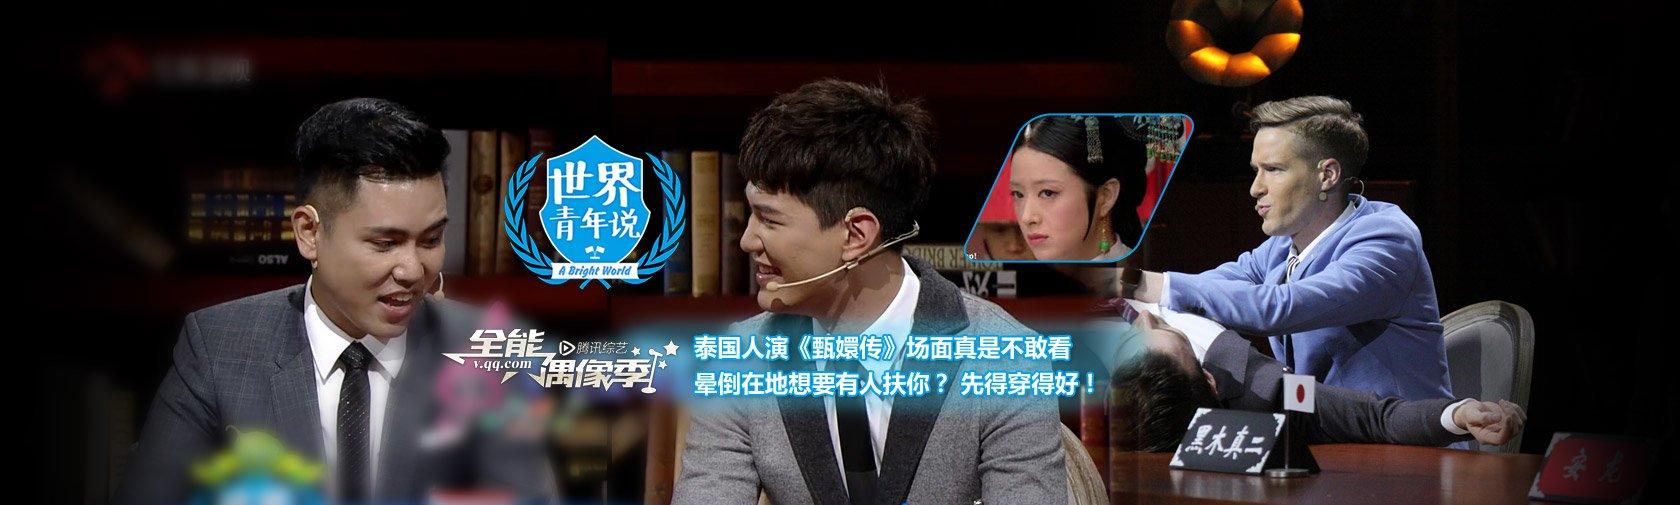 世界青年说 韩冰超强心机戏让好友瞬间反目